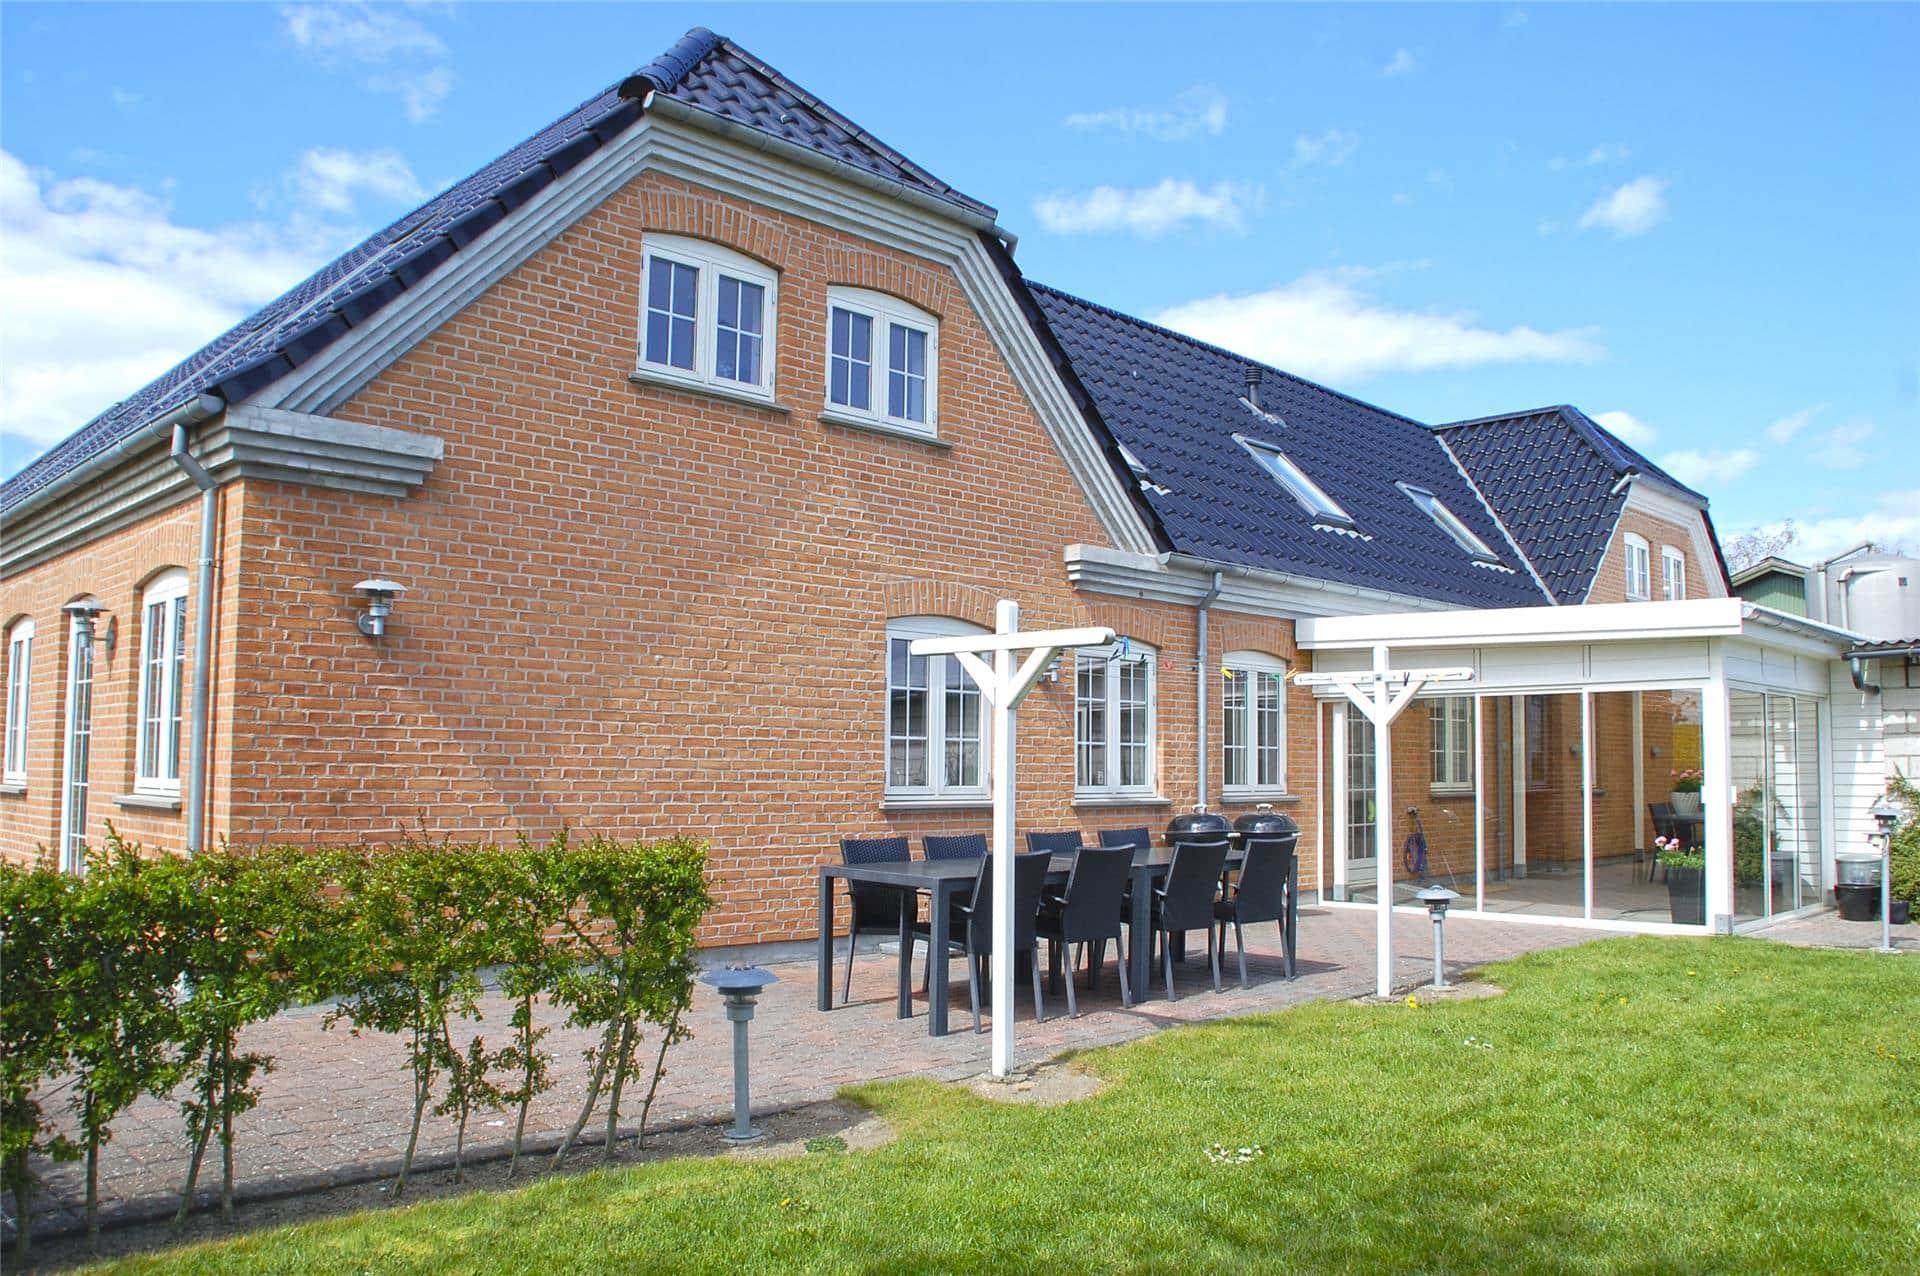 Billede 1-3 Sommerhus M64211, Lerbjergvej 78, DK - 5500 Middelfart